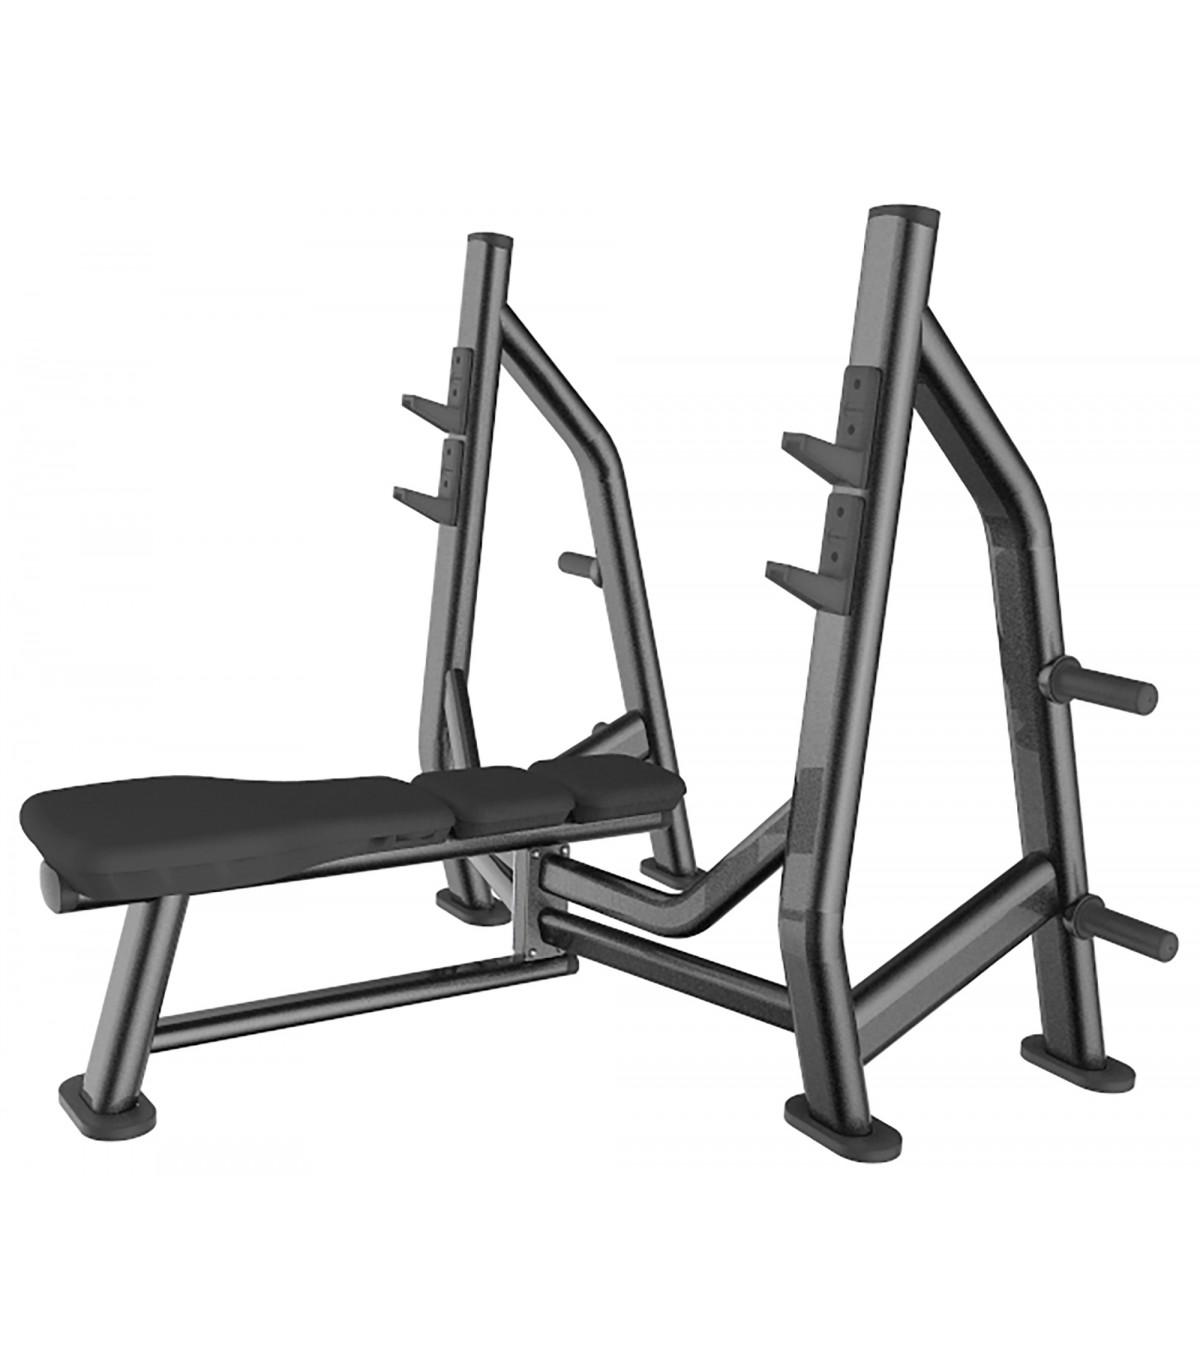 Banc de musculation professionnel d velopp couch care fitness - Banc musculation professionnel ...